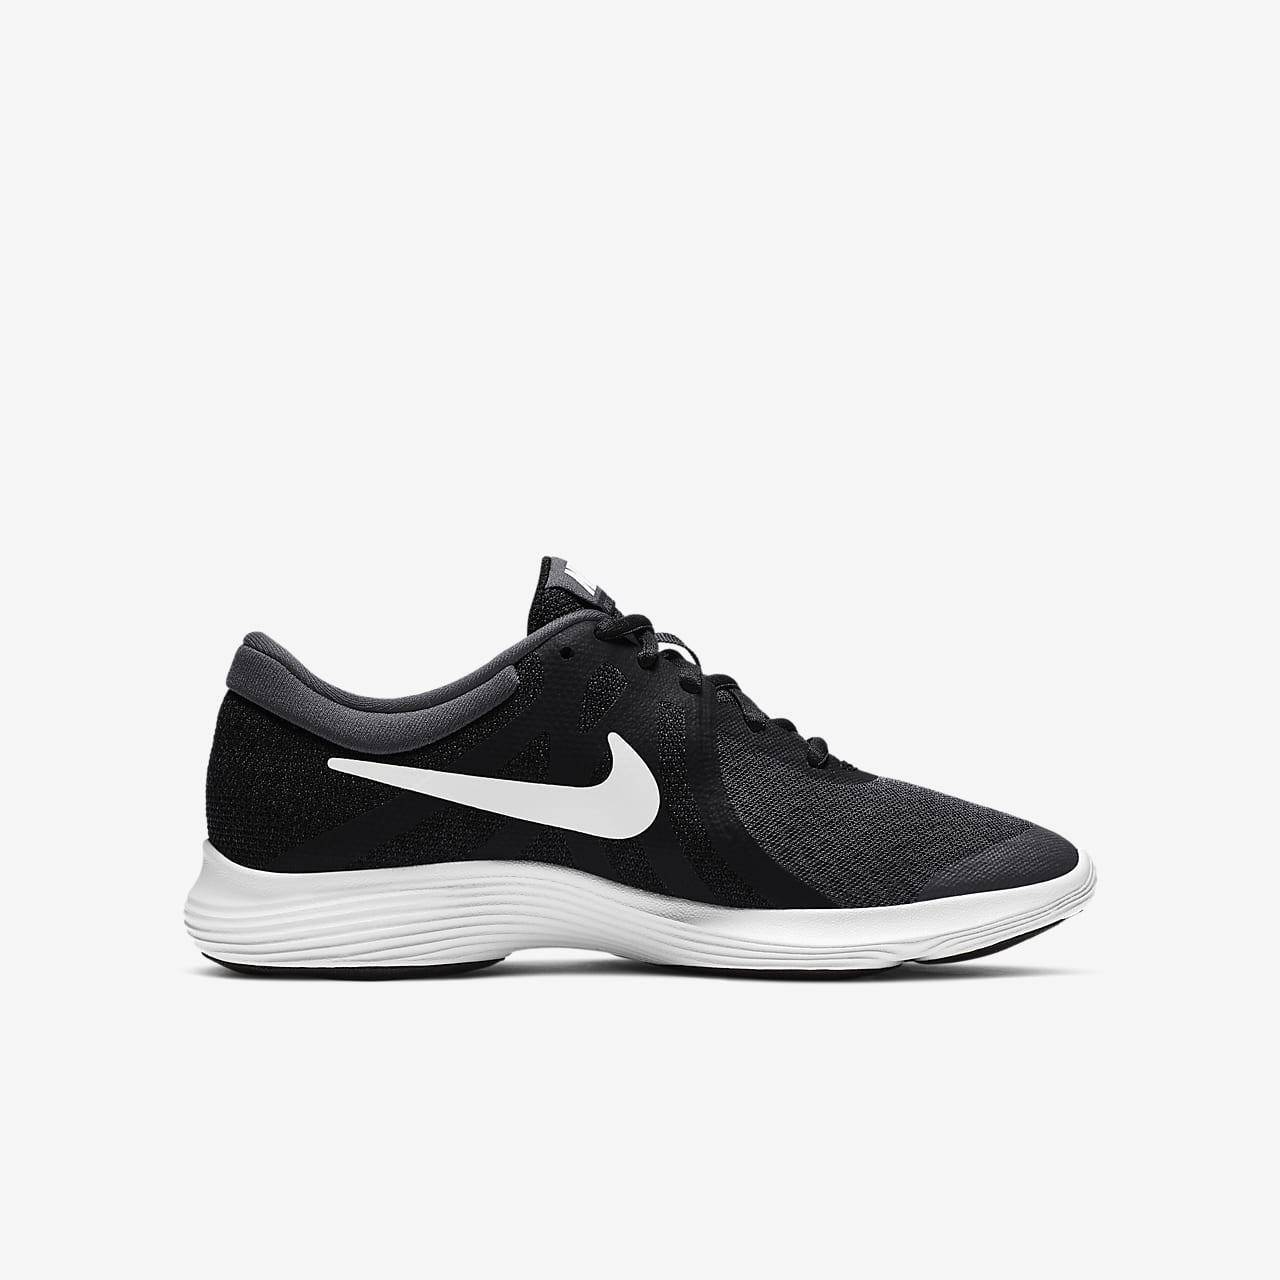 Âgé Revolution Pour De 4 Running Enfant Plus Chaussure Ca Nike qf8wFxt